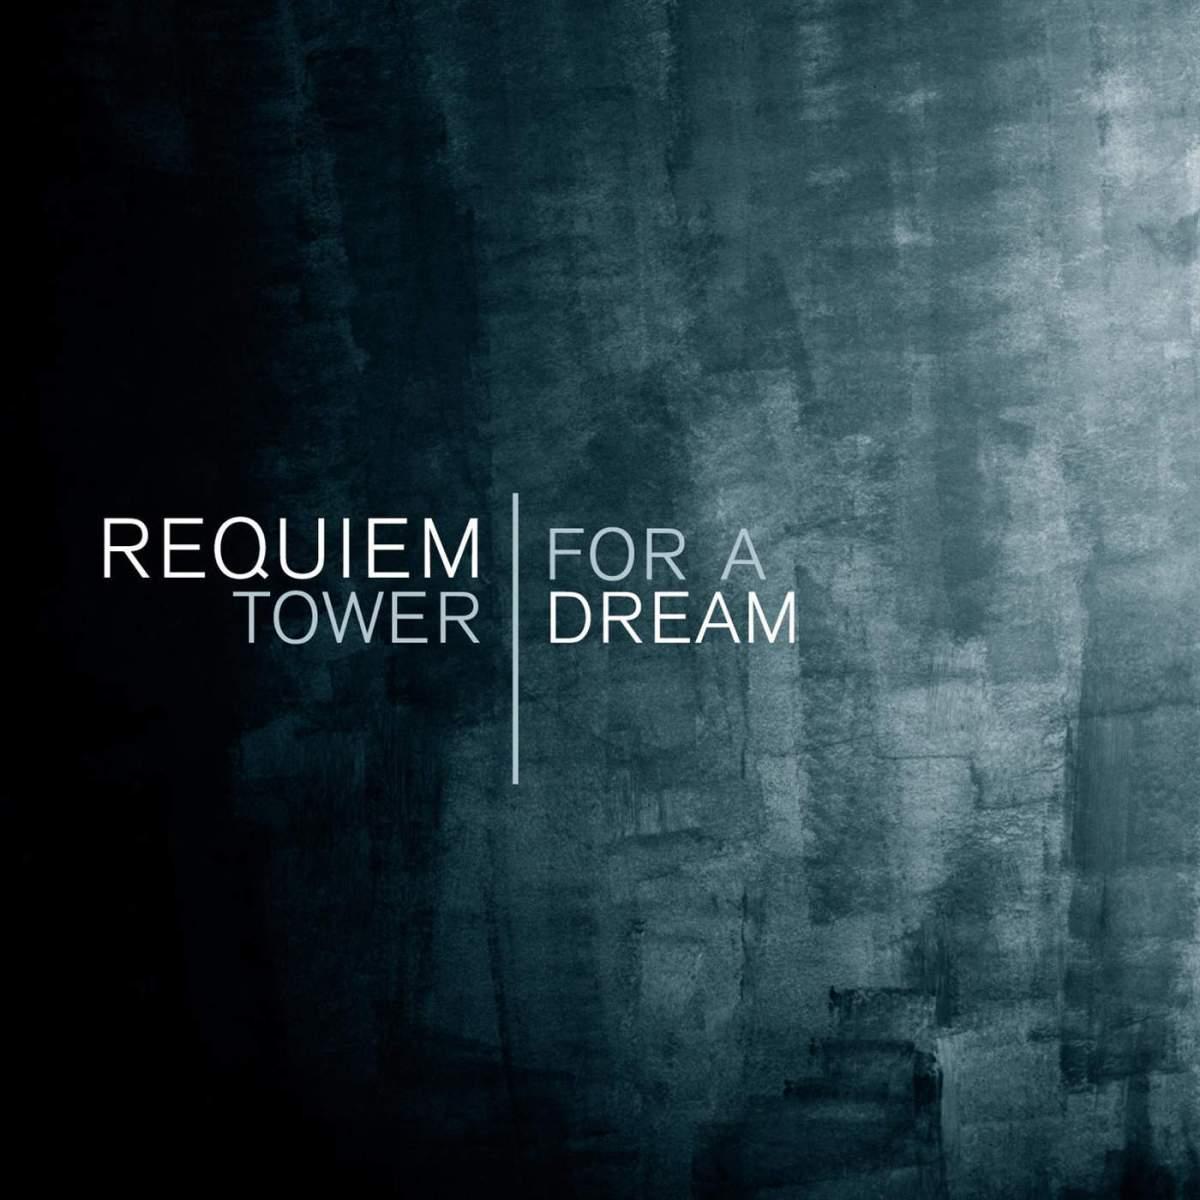 Requiem for a Tower Dream